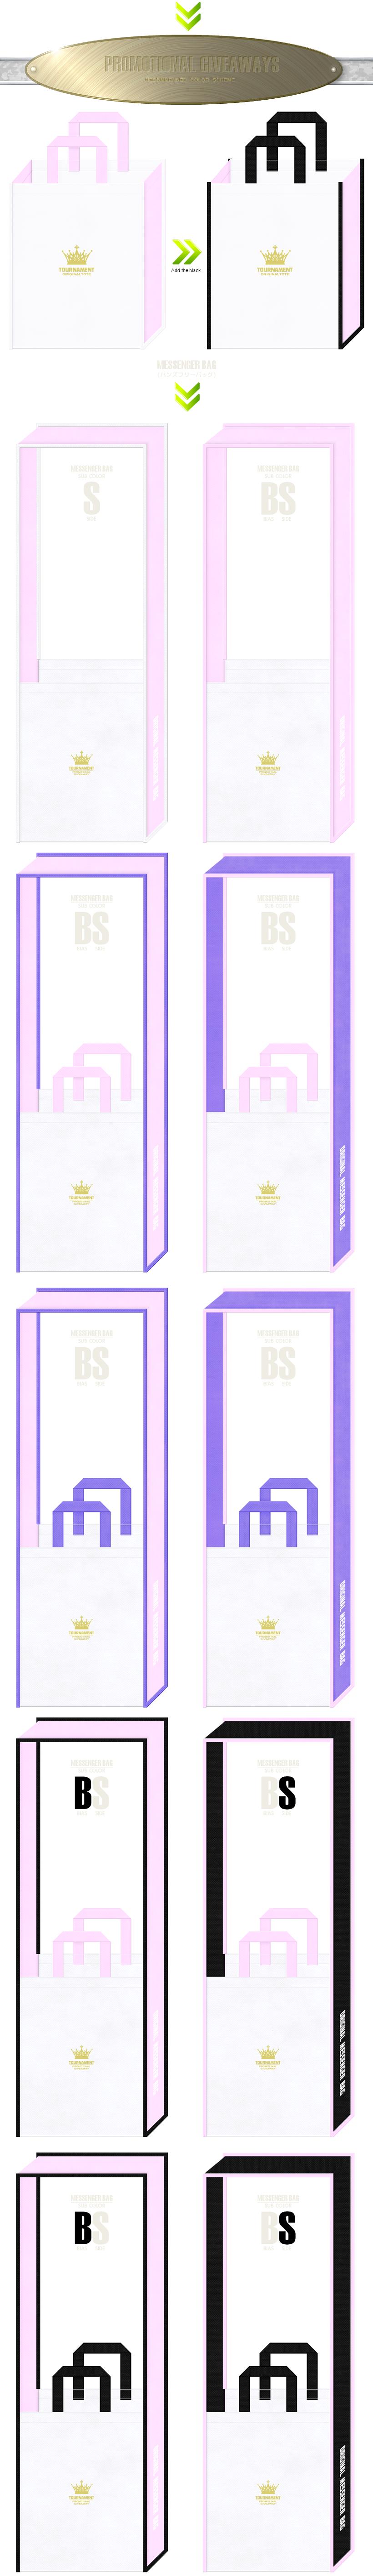 白色とパステルピンク色を使用した、不織布バッグのカラーシミュレーション:女子スポーツイベントのノベルティ